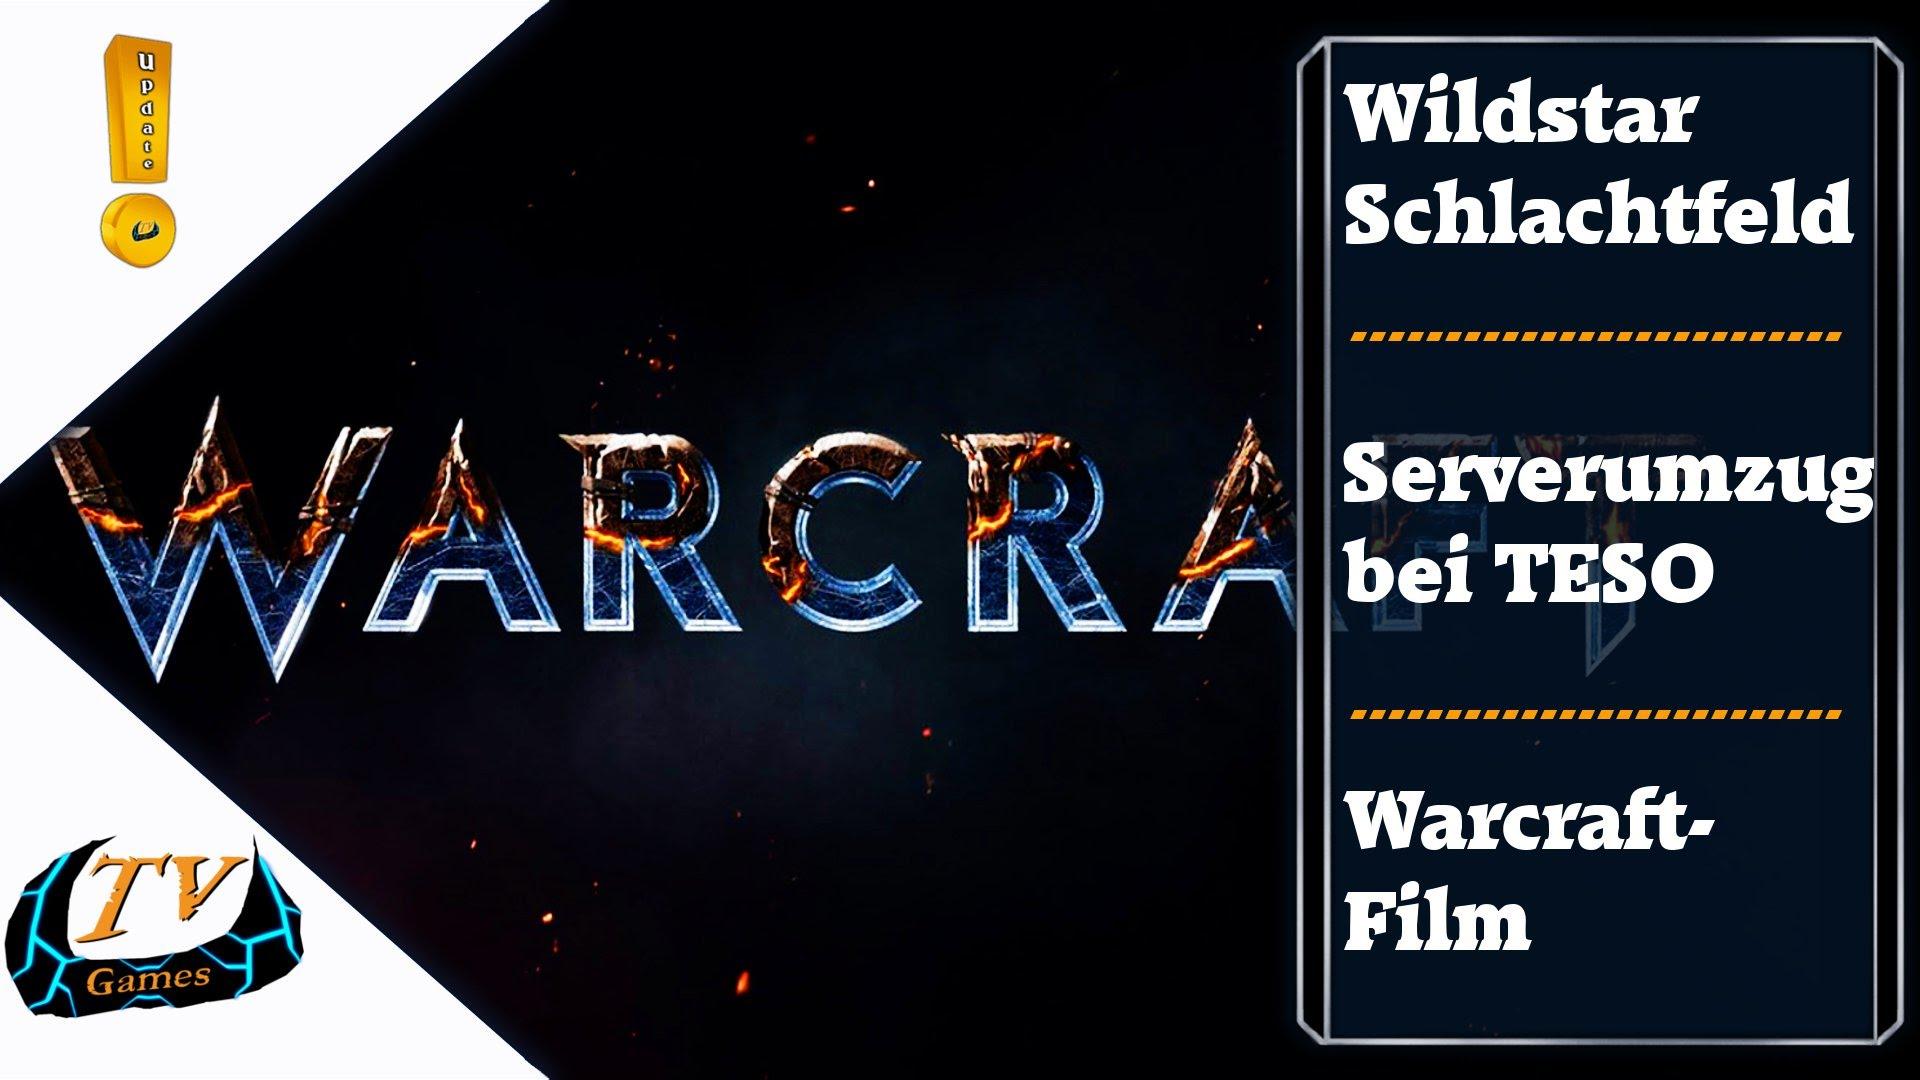 WildStars neues Schlachtfeld, Serverumzug bei TESO & Datum für Warcraft-Film – Update!